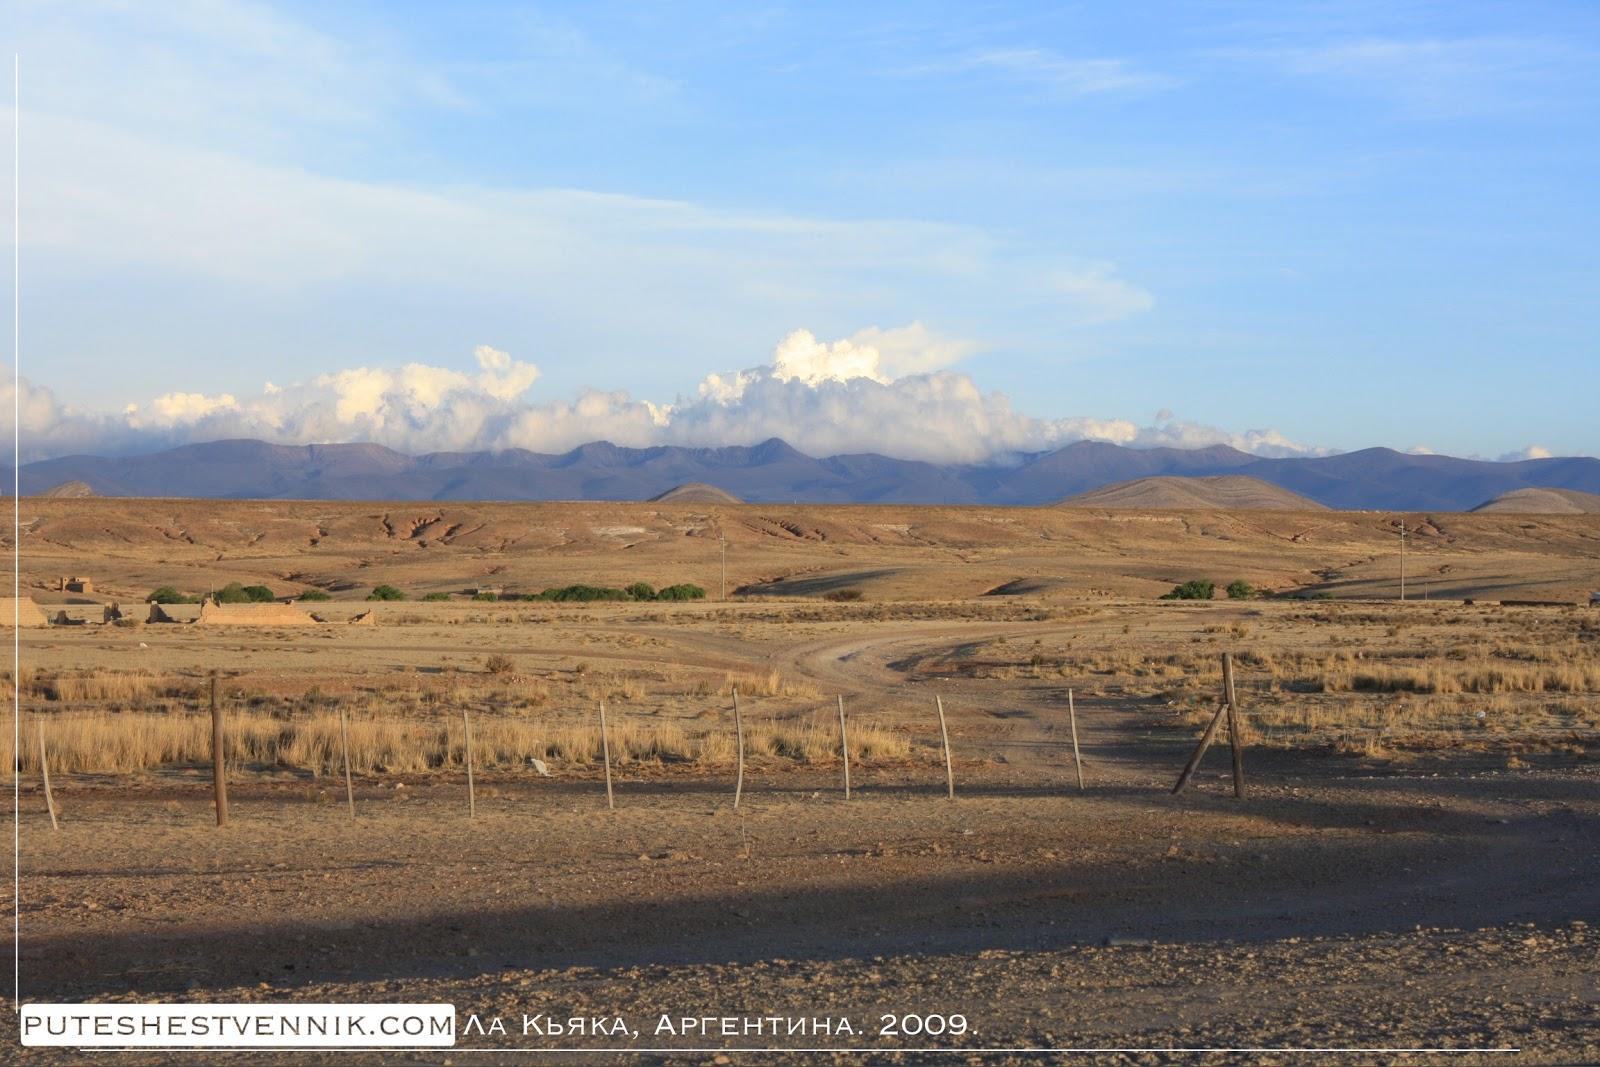 Пустыня возле Ла-Кьяки в Аргентине